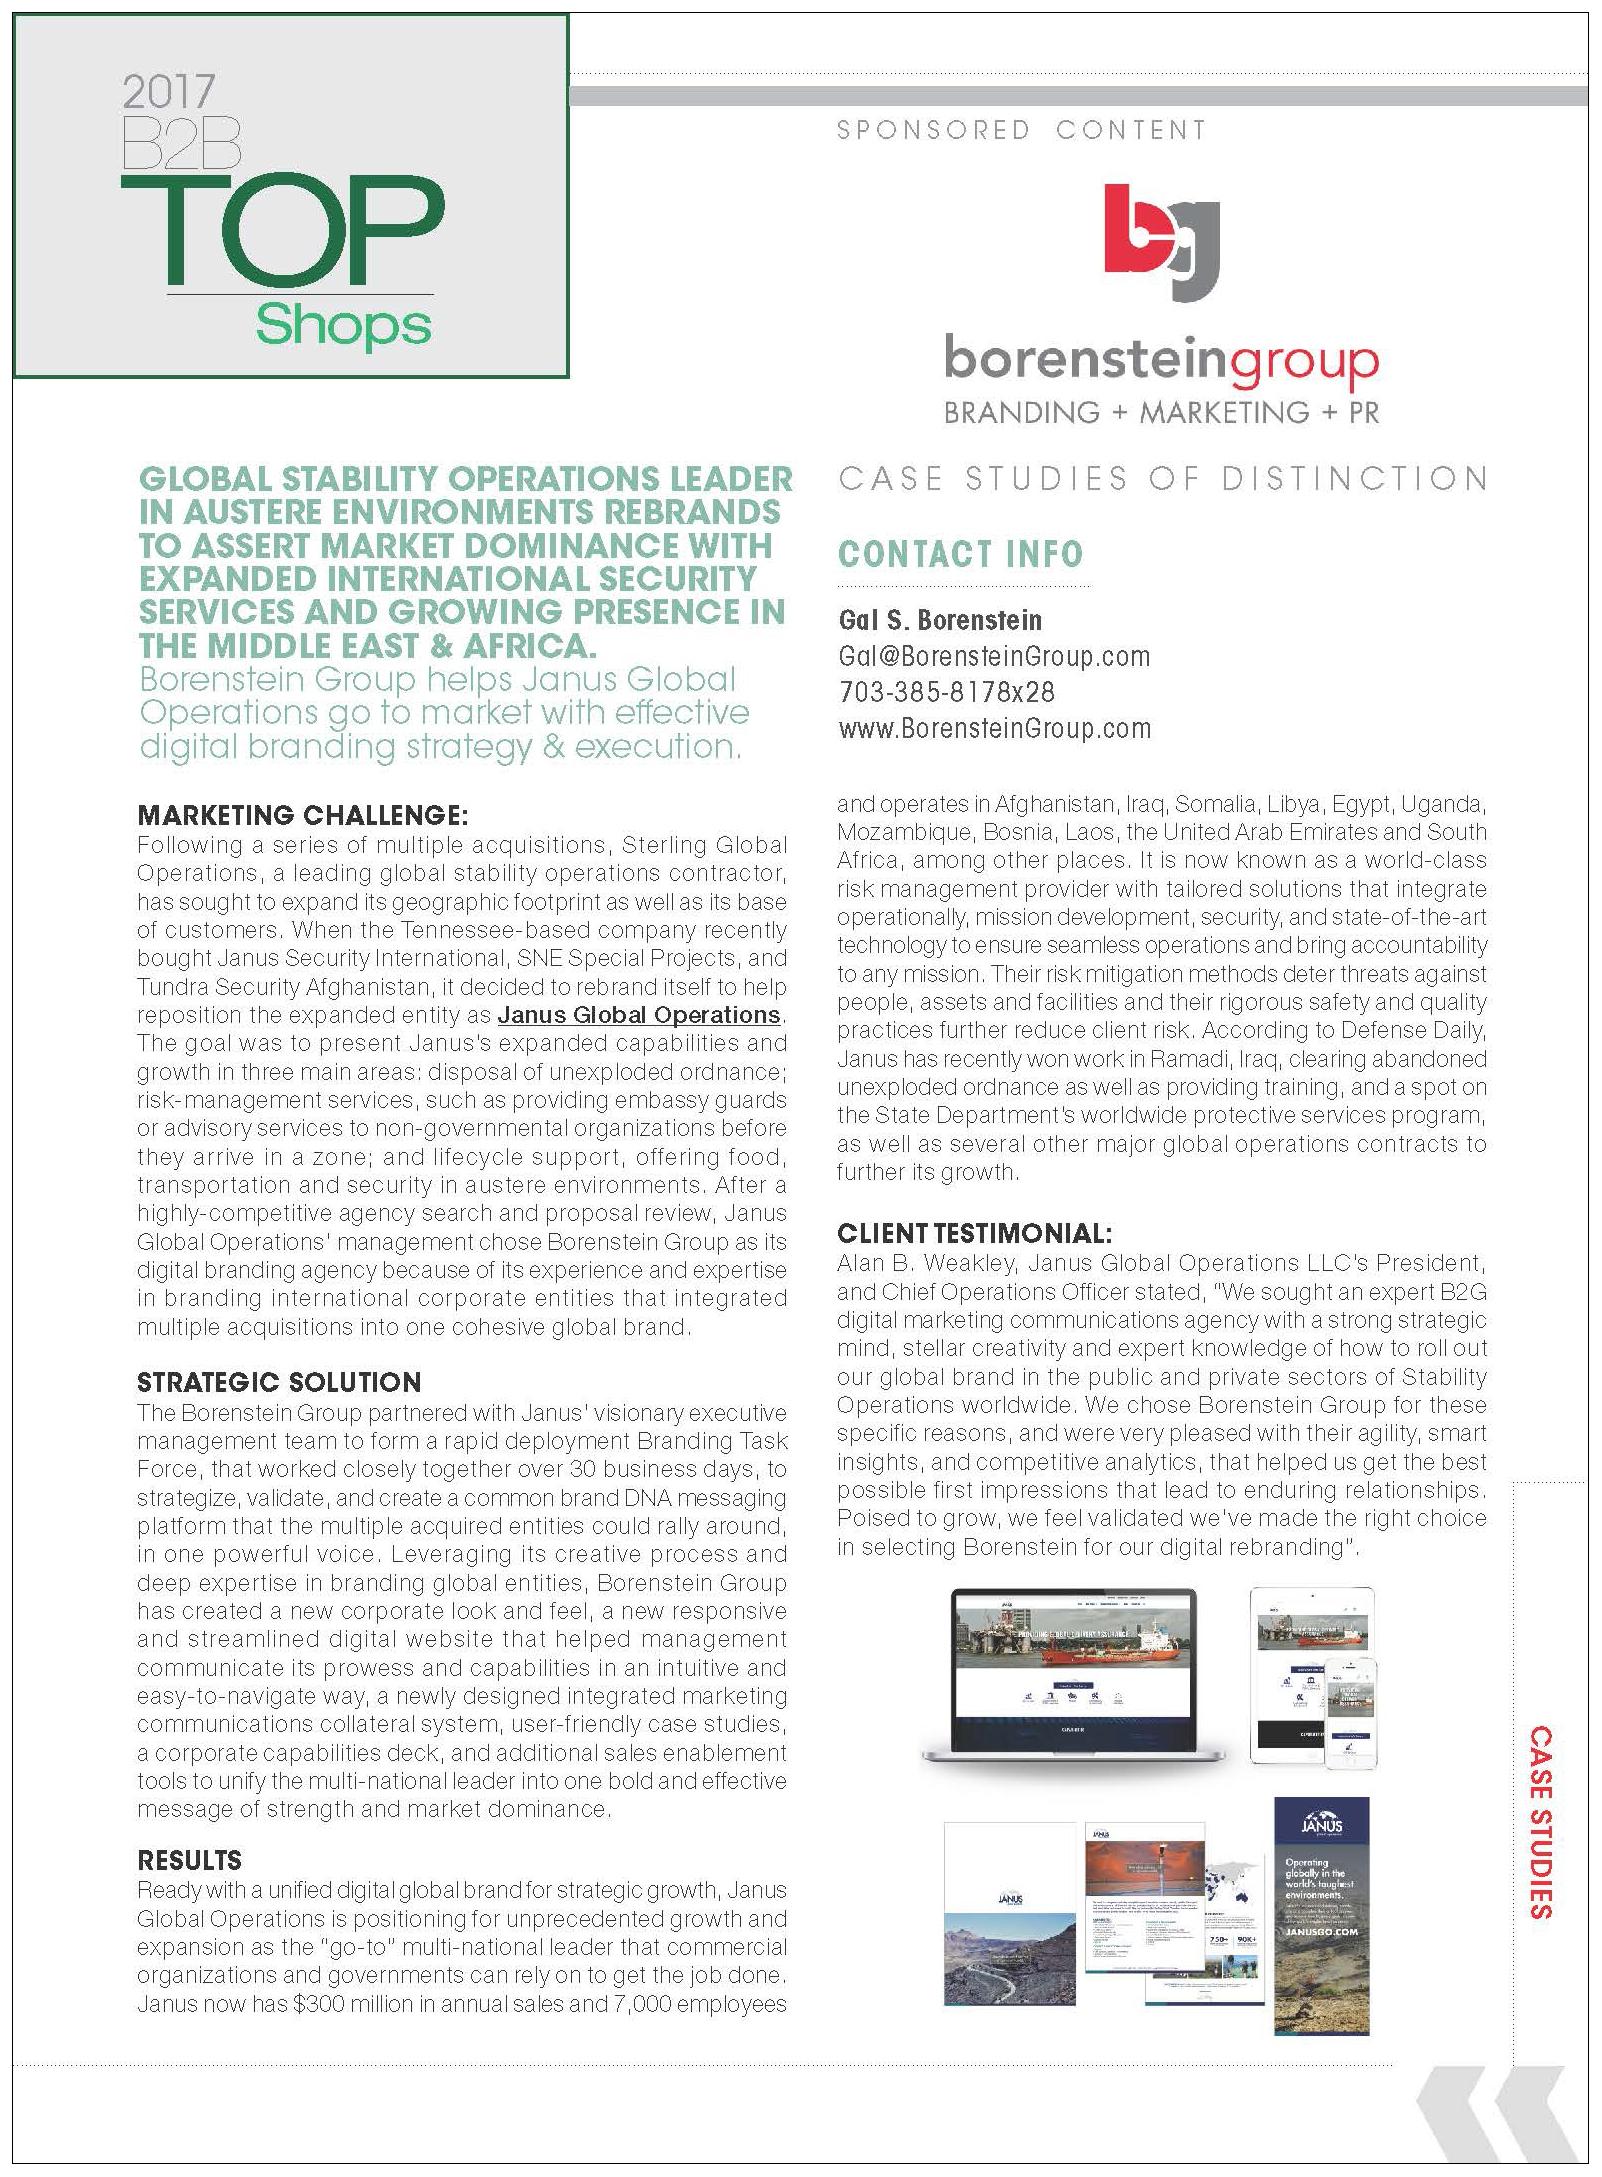 Borenstein Group, Inc Case Study